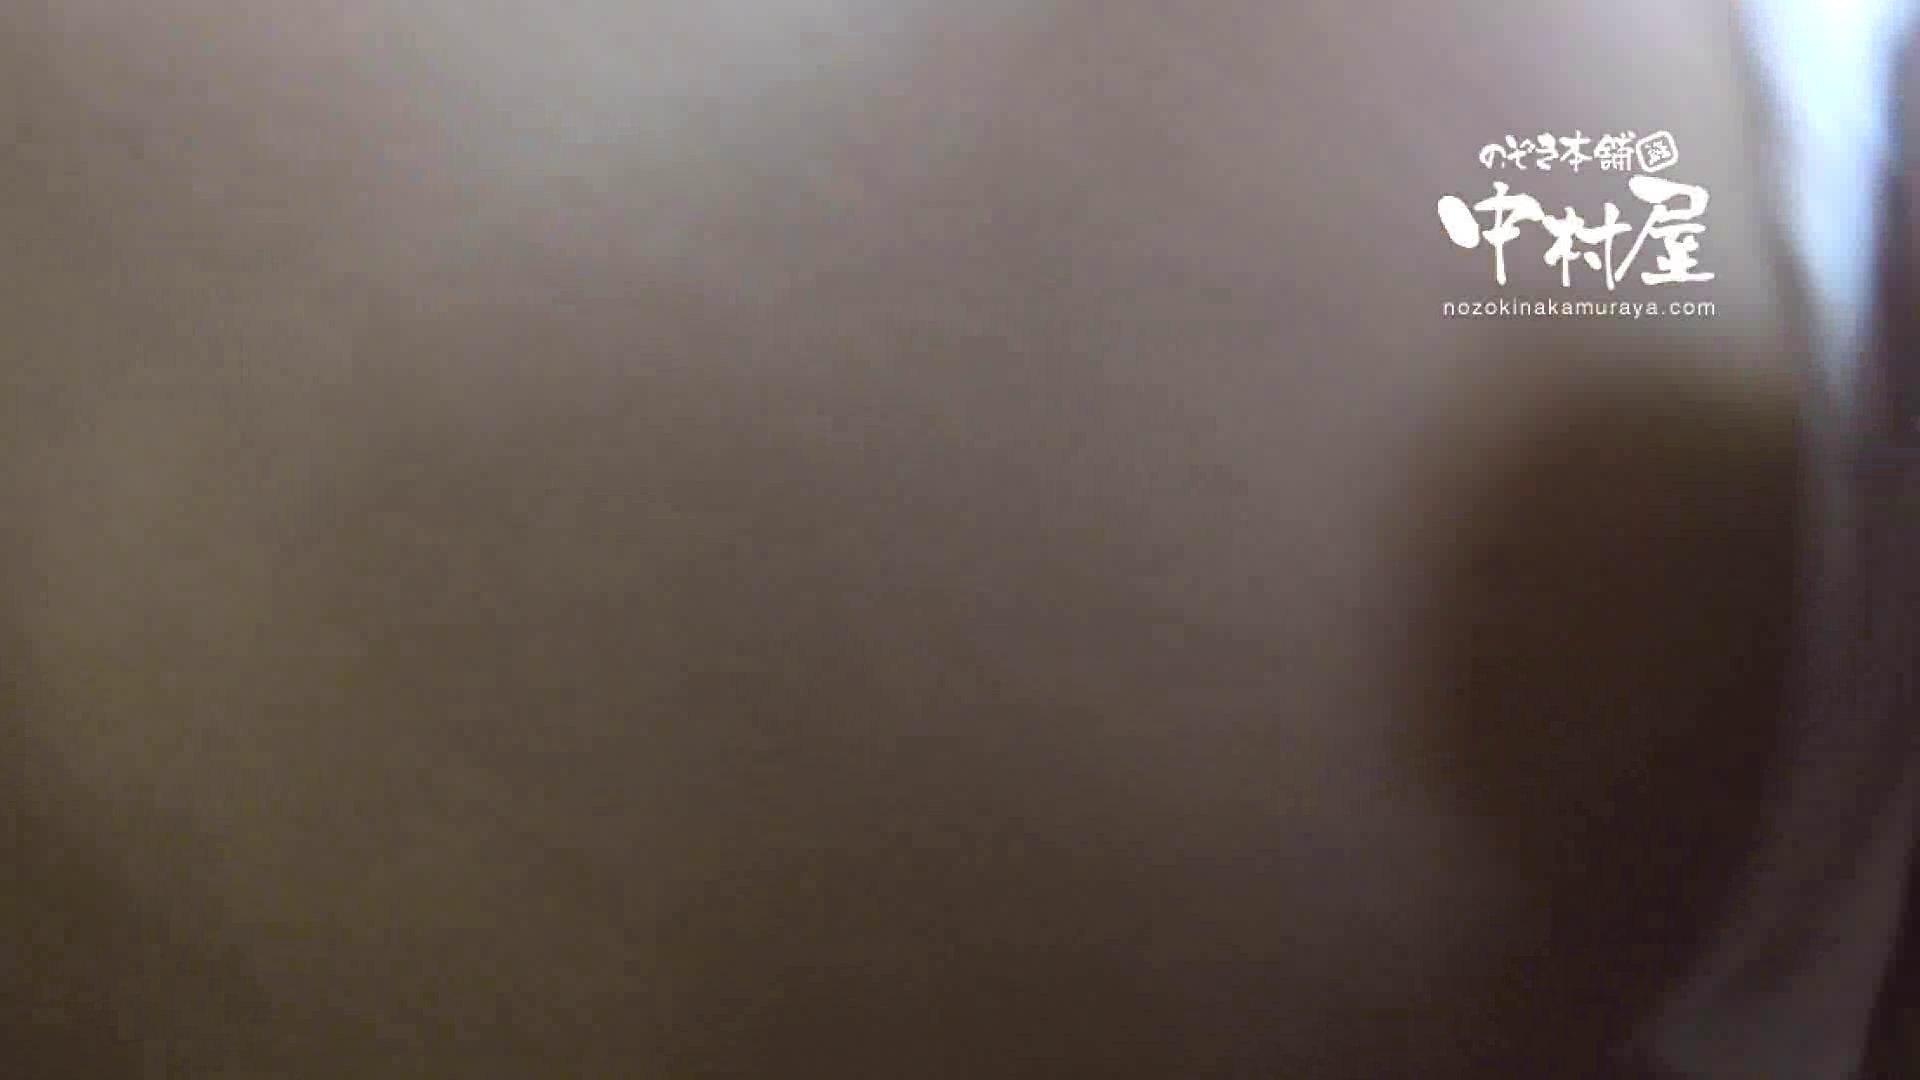 鬼畜 vol.18 居酒屋バイト時代の同僚に中出ししてみる 後編 鬼畜   中出し  70画像 22